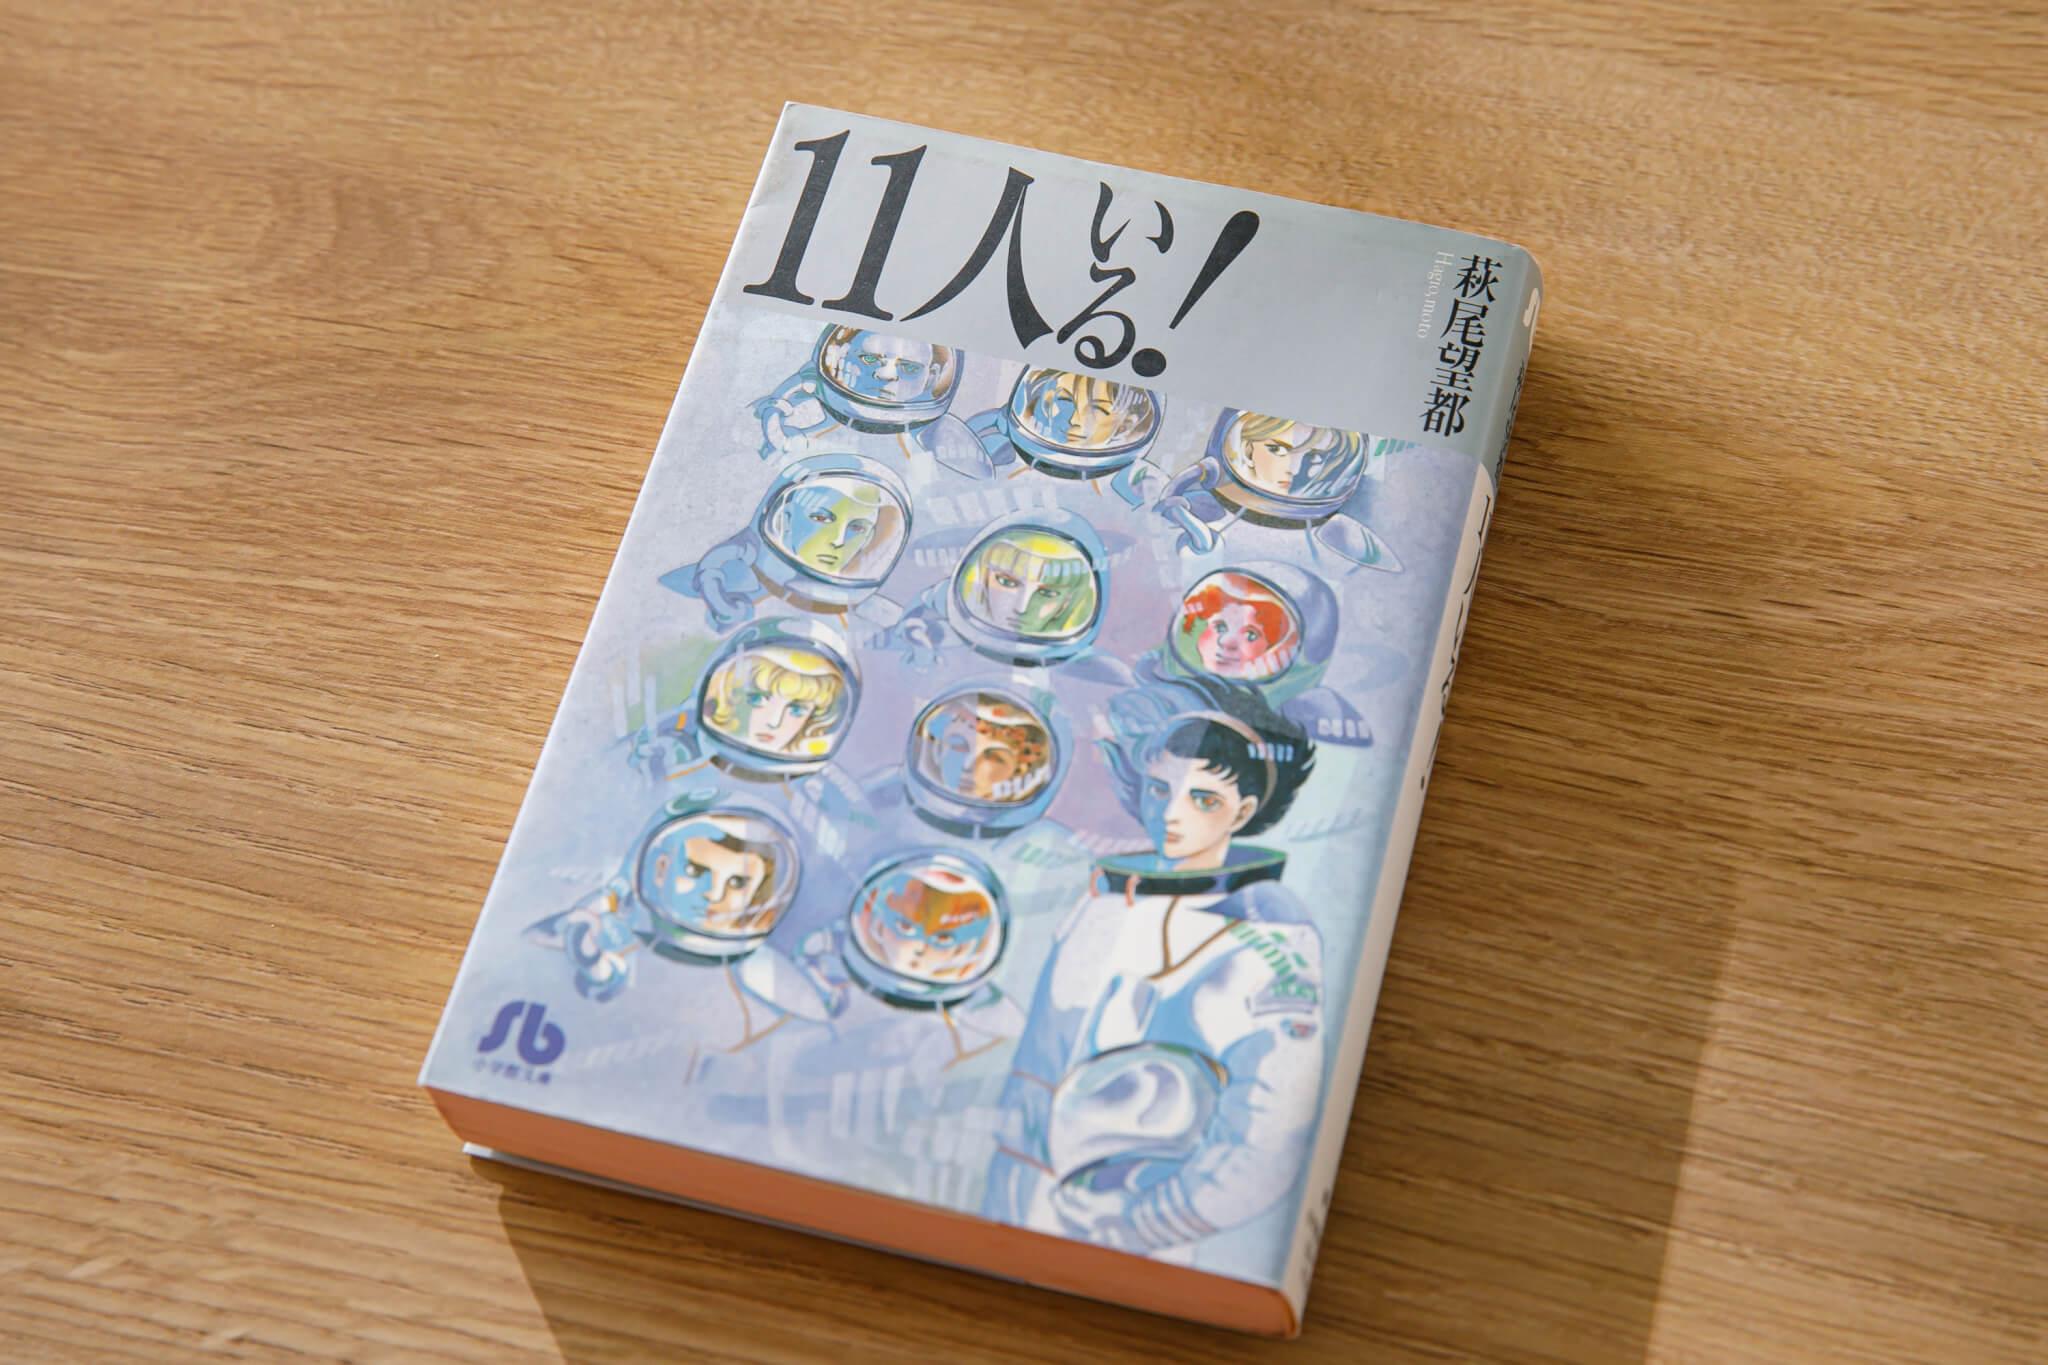 11人いる!,小学館文庫,萩尾望都